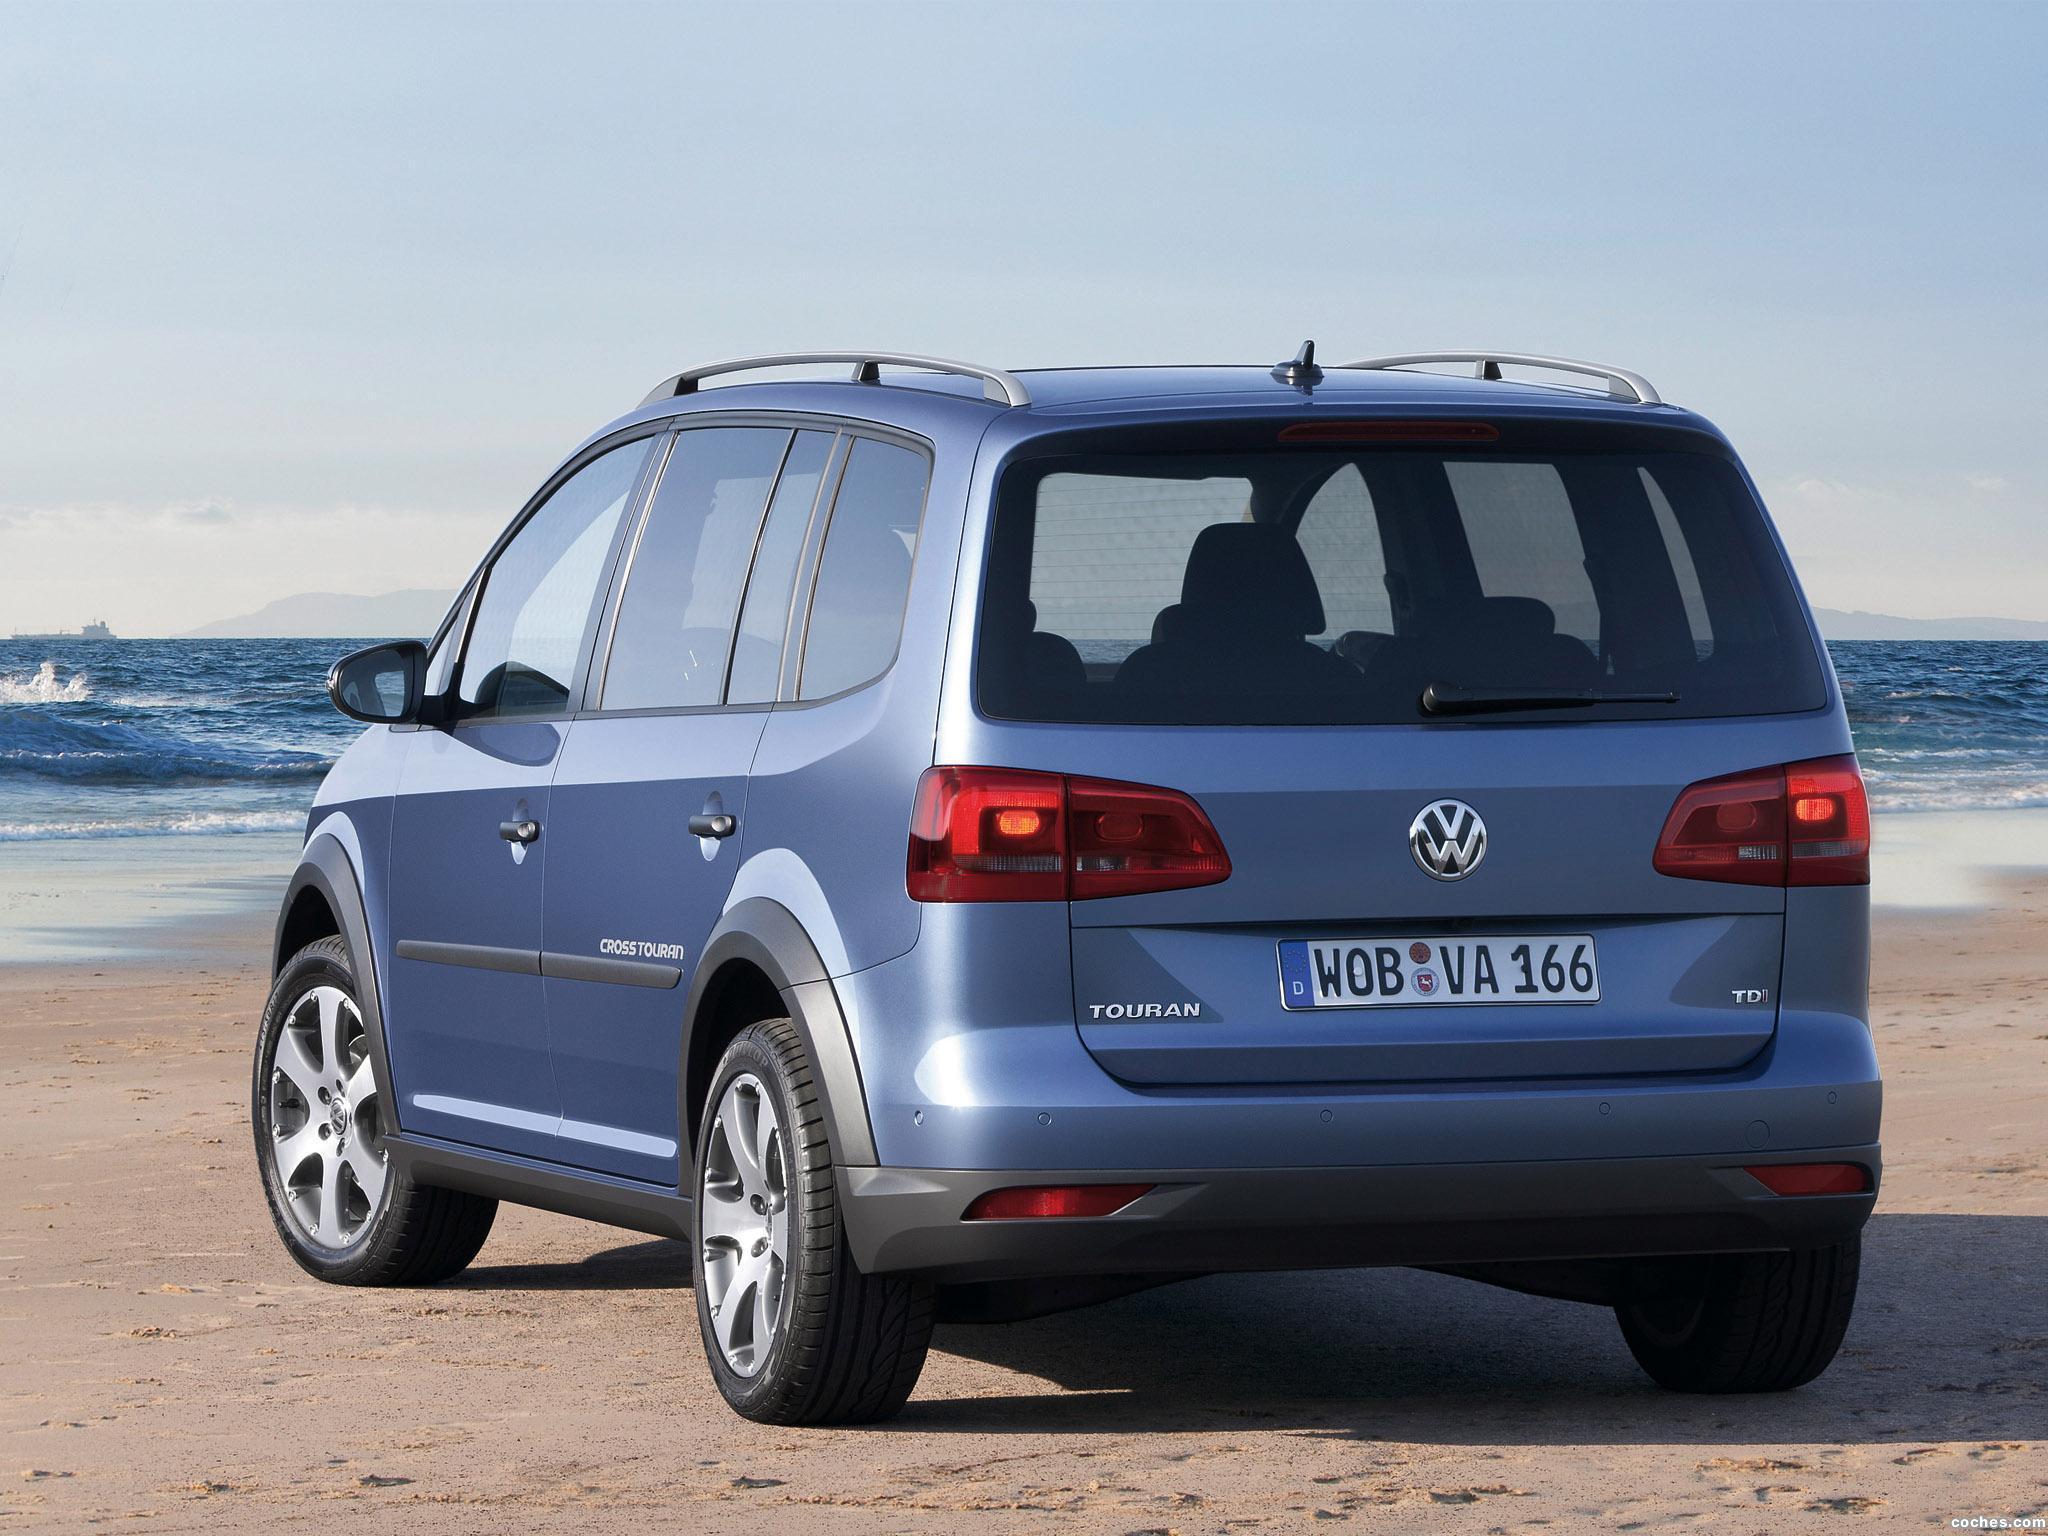 Foto 4 de Volkswagen Cross Touran 2010